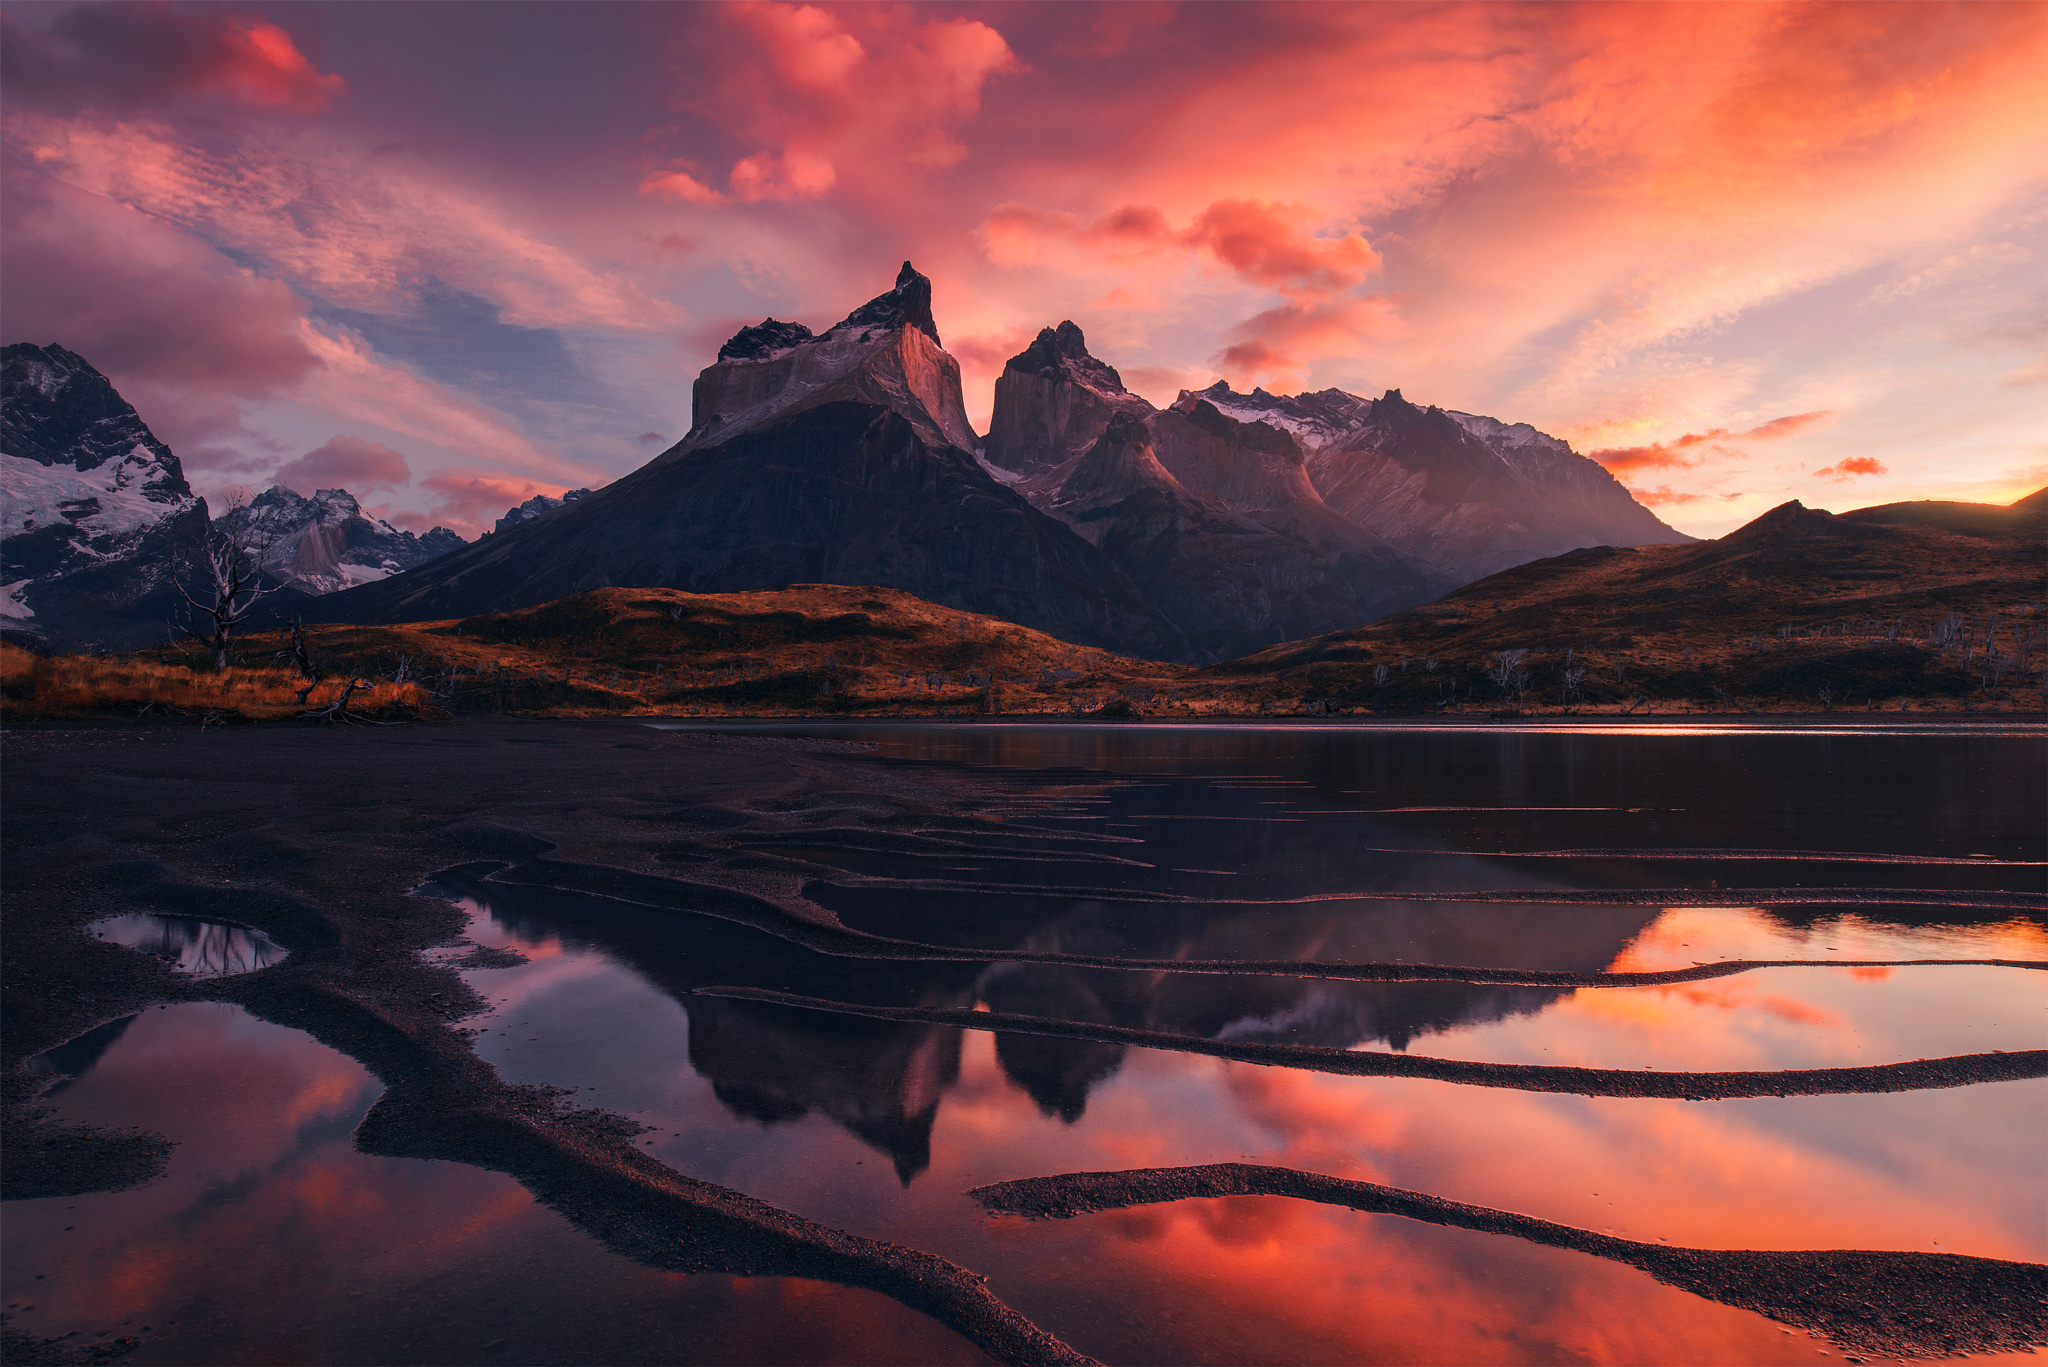 розовый закат, море, горы  № 3110205 без смс